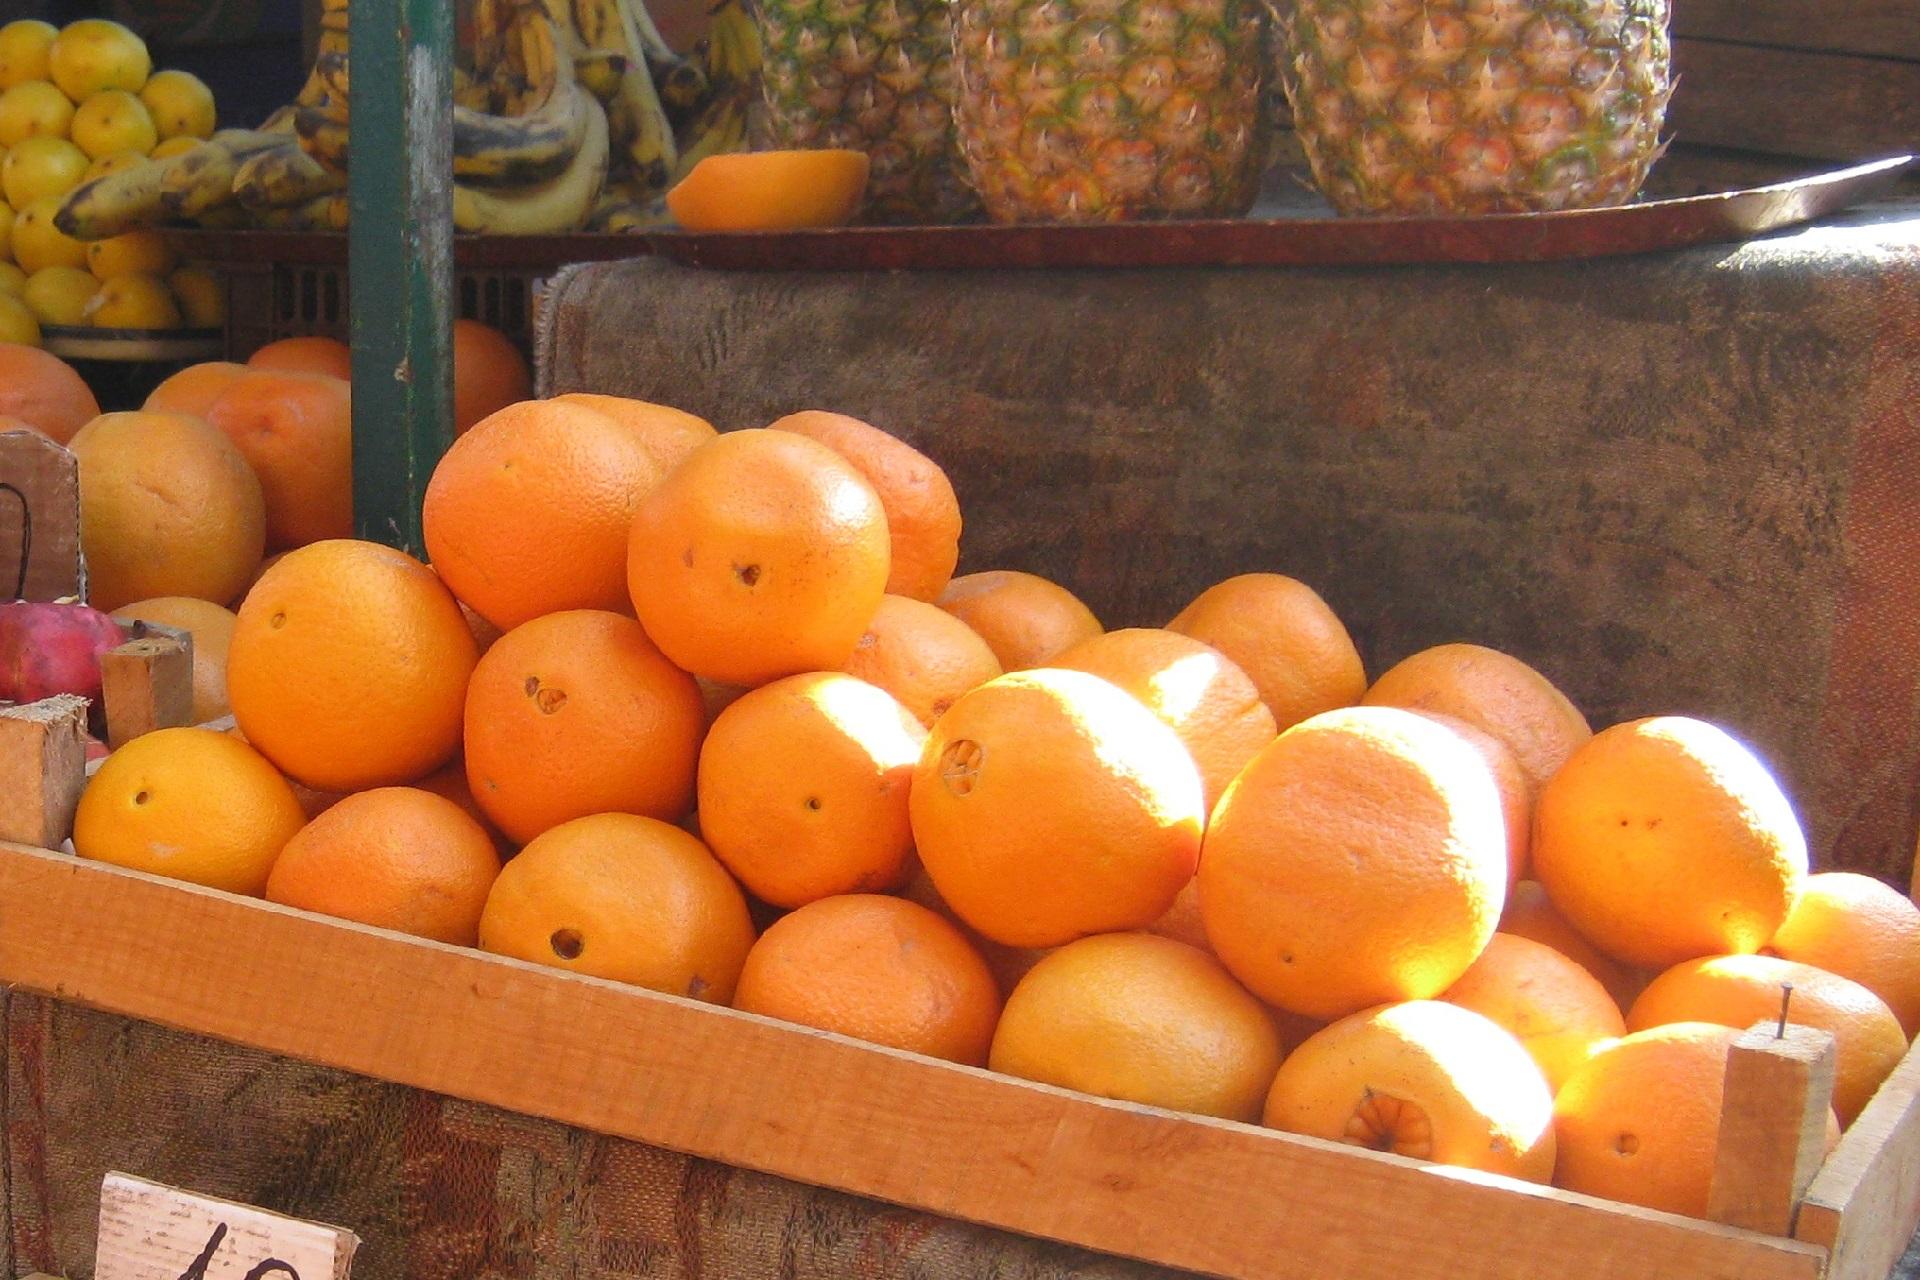 О вреде употребления апельсинов, Апельсины в народной медицине, Лечебные свойства апельсина,